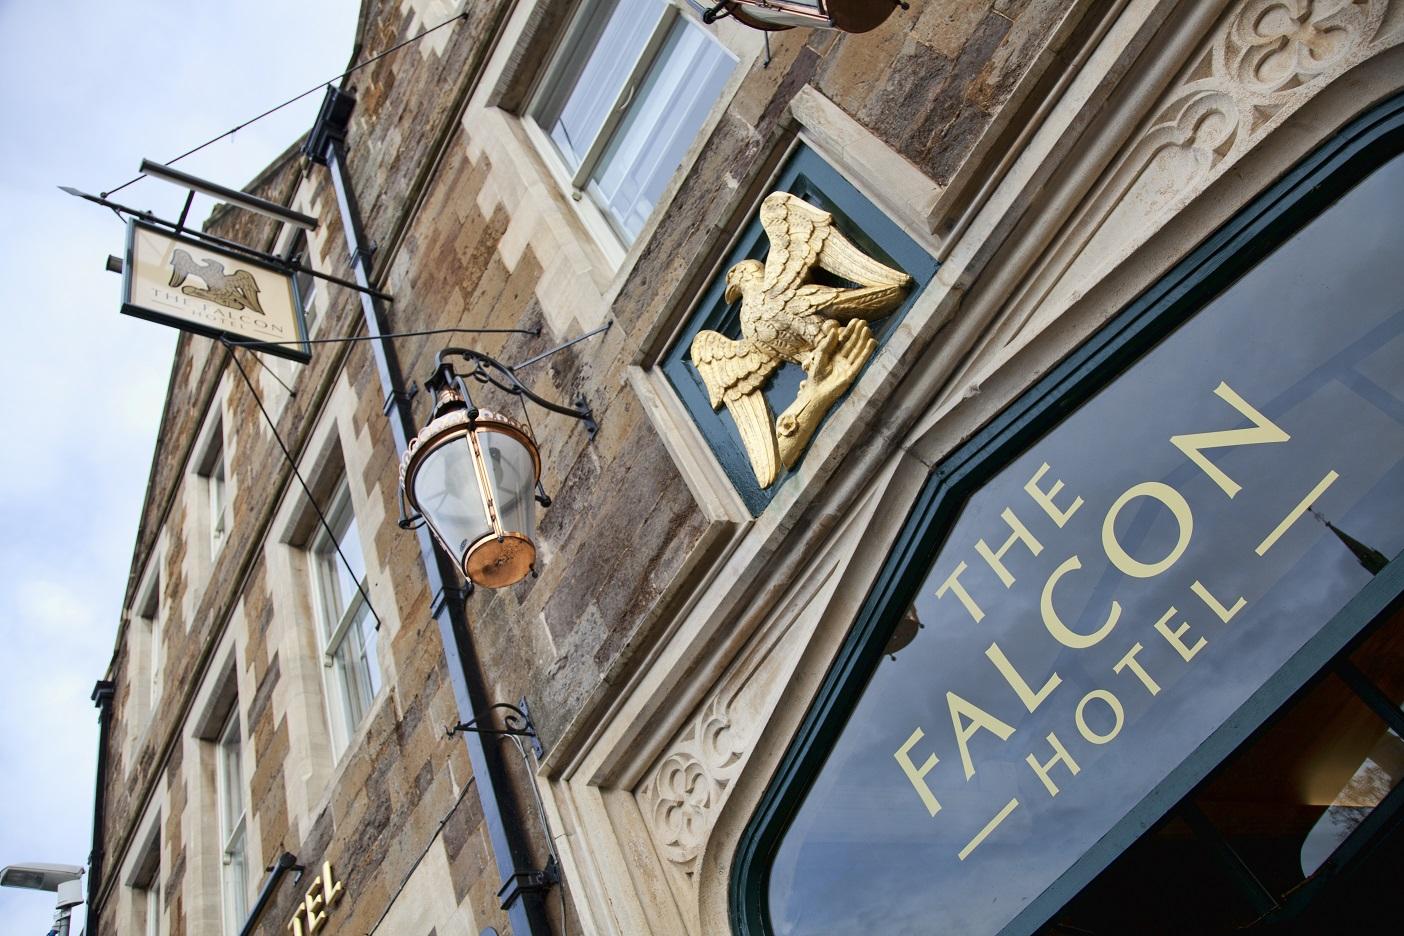 Falcon Hotel for hire